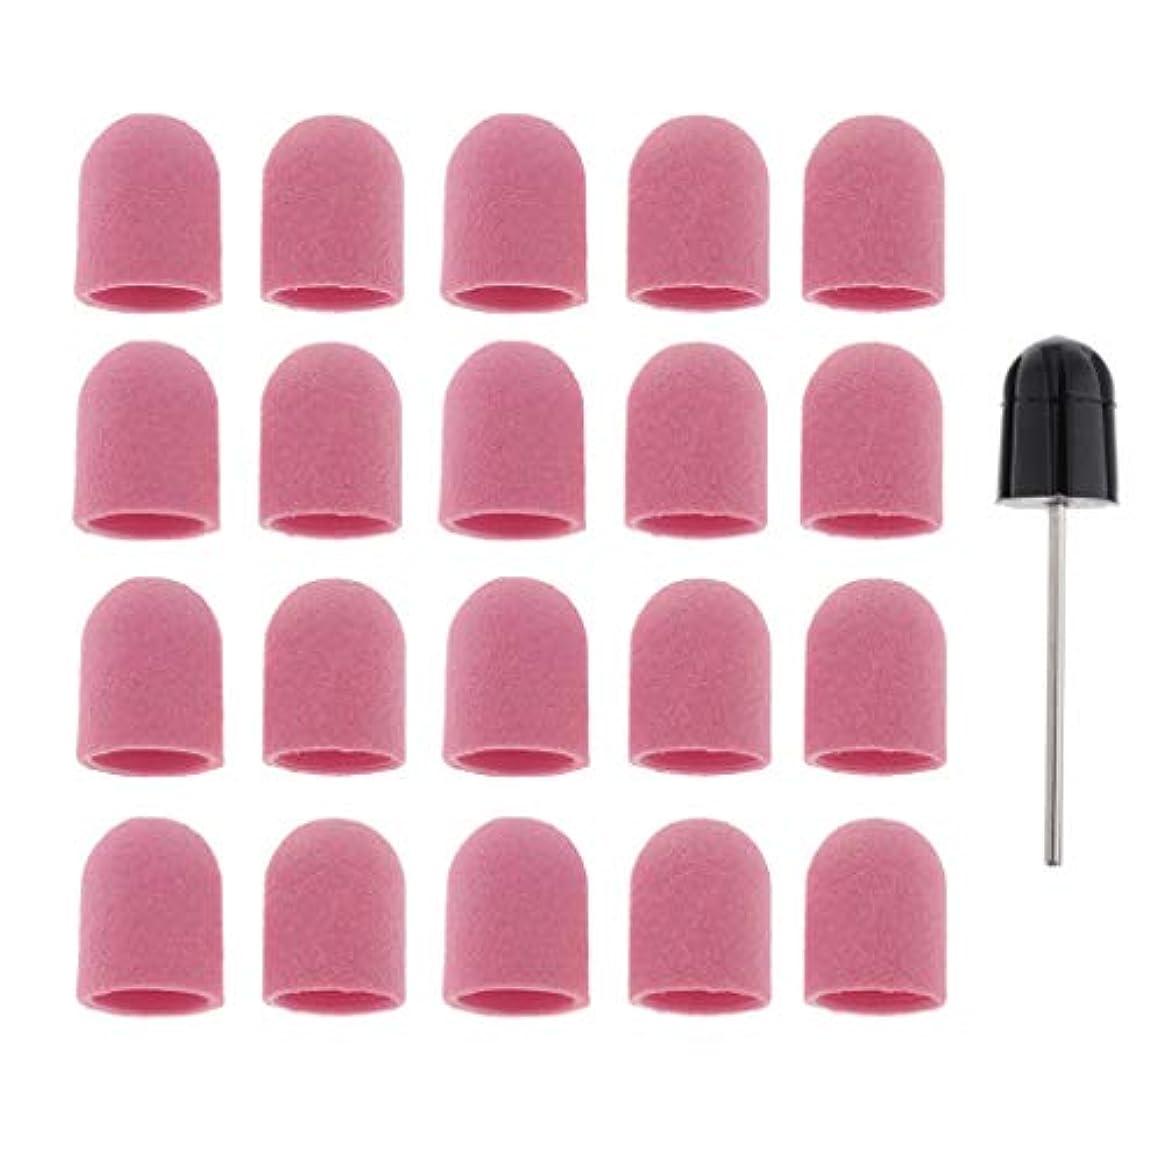 やりがいのある気まぐれな垂直Perfeclan ネイルアート ドリルビットバフ 研削ビットバフ キャップ 角質除去 爪磨き ツール 約20本 全5カラー - ピンク